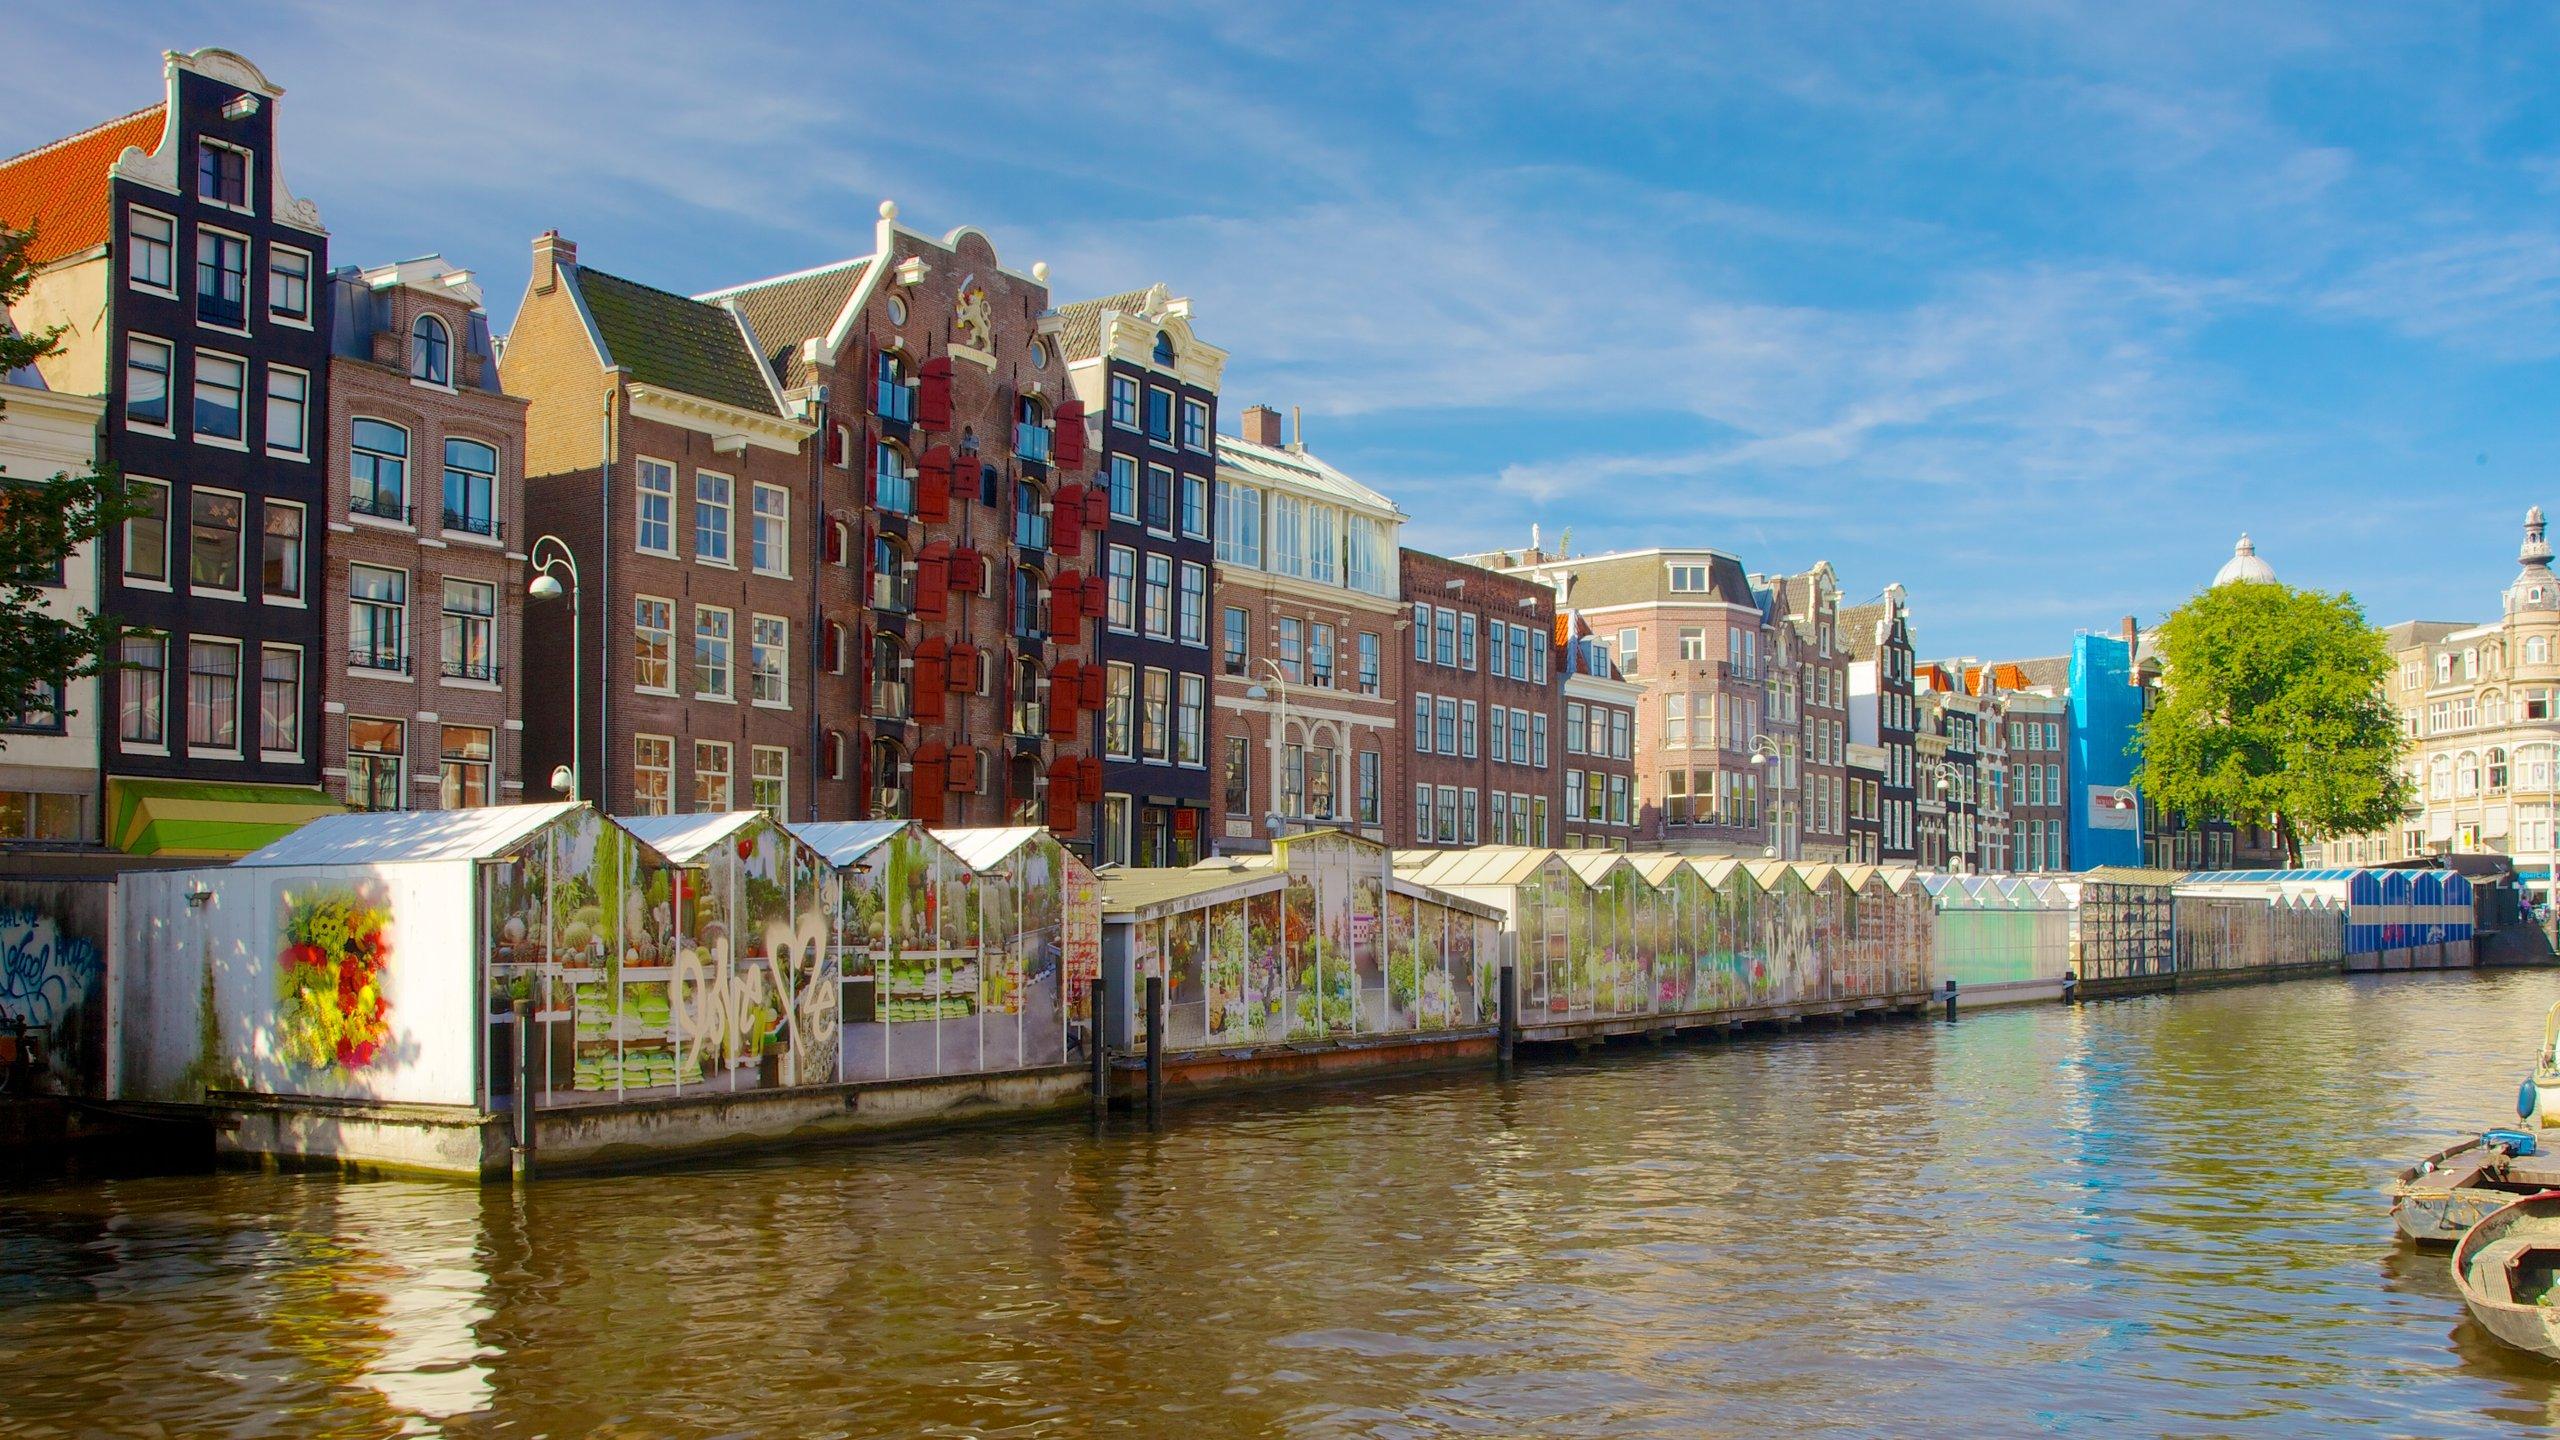 centrum, Amsterdam, Noord-Holland, Nederland